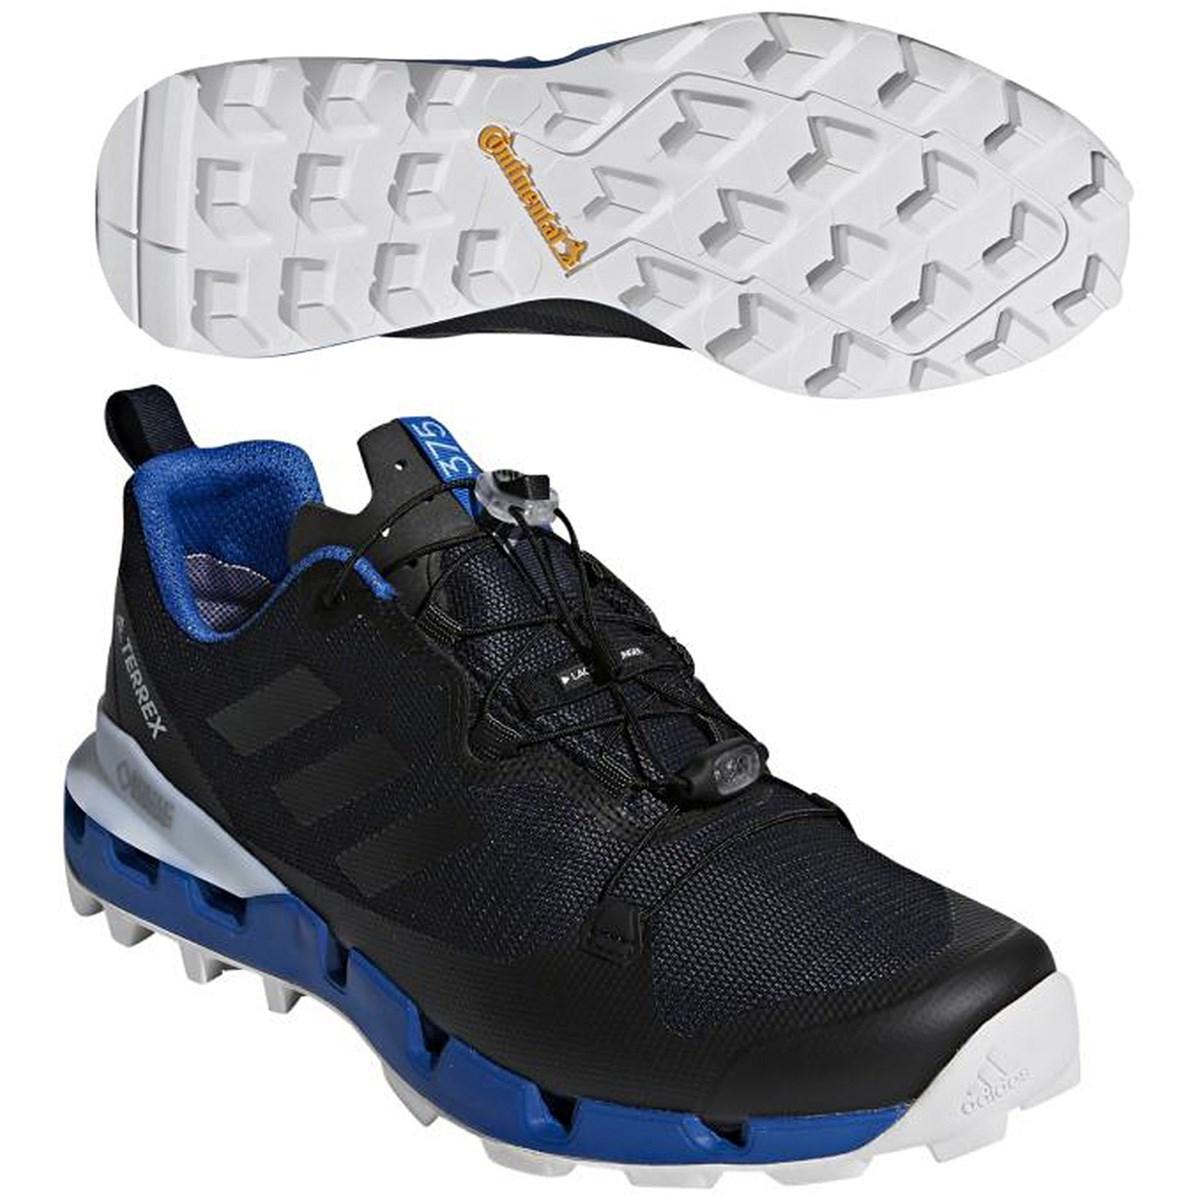 アディダス(adidas) TERREX FAST GTX SURROUND シューズ